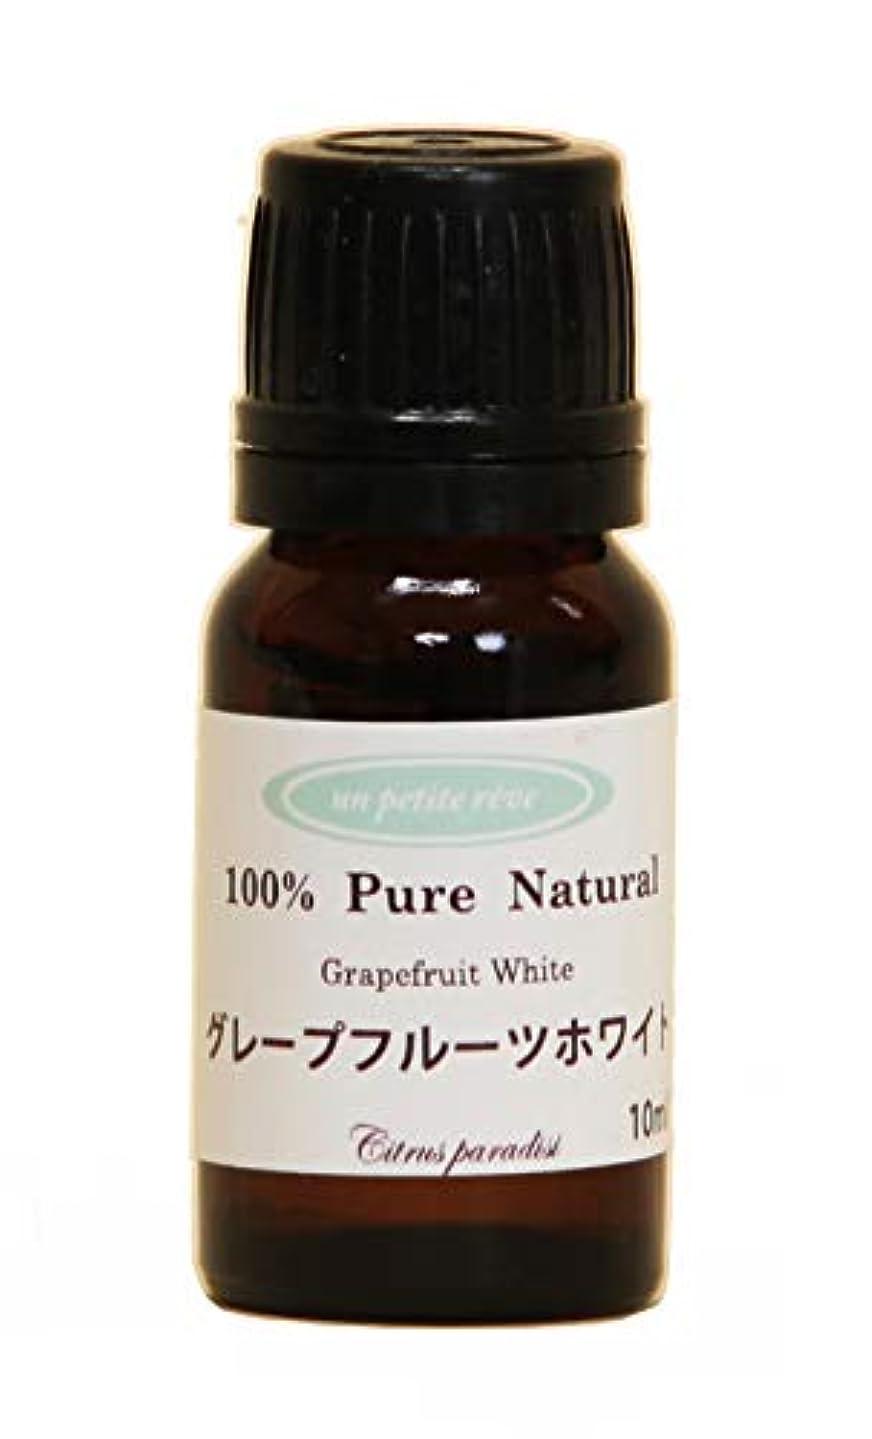 露出度の高い貫通する区別するグレープフルーツホワイト 10ml 100%天然アロマエッセンシャルオイル(精油)